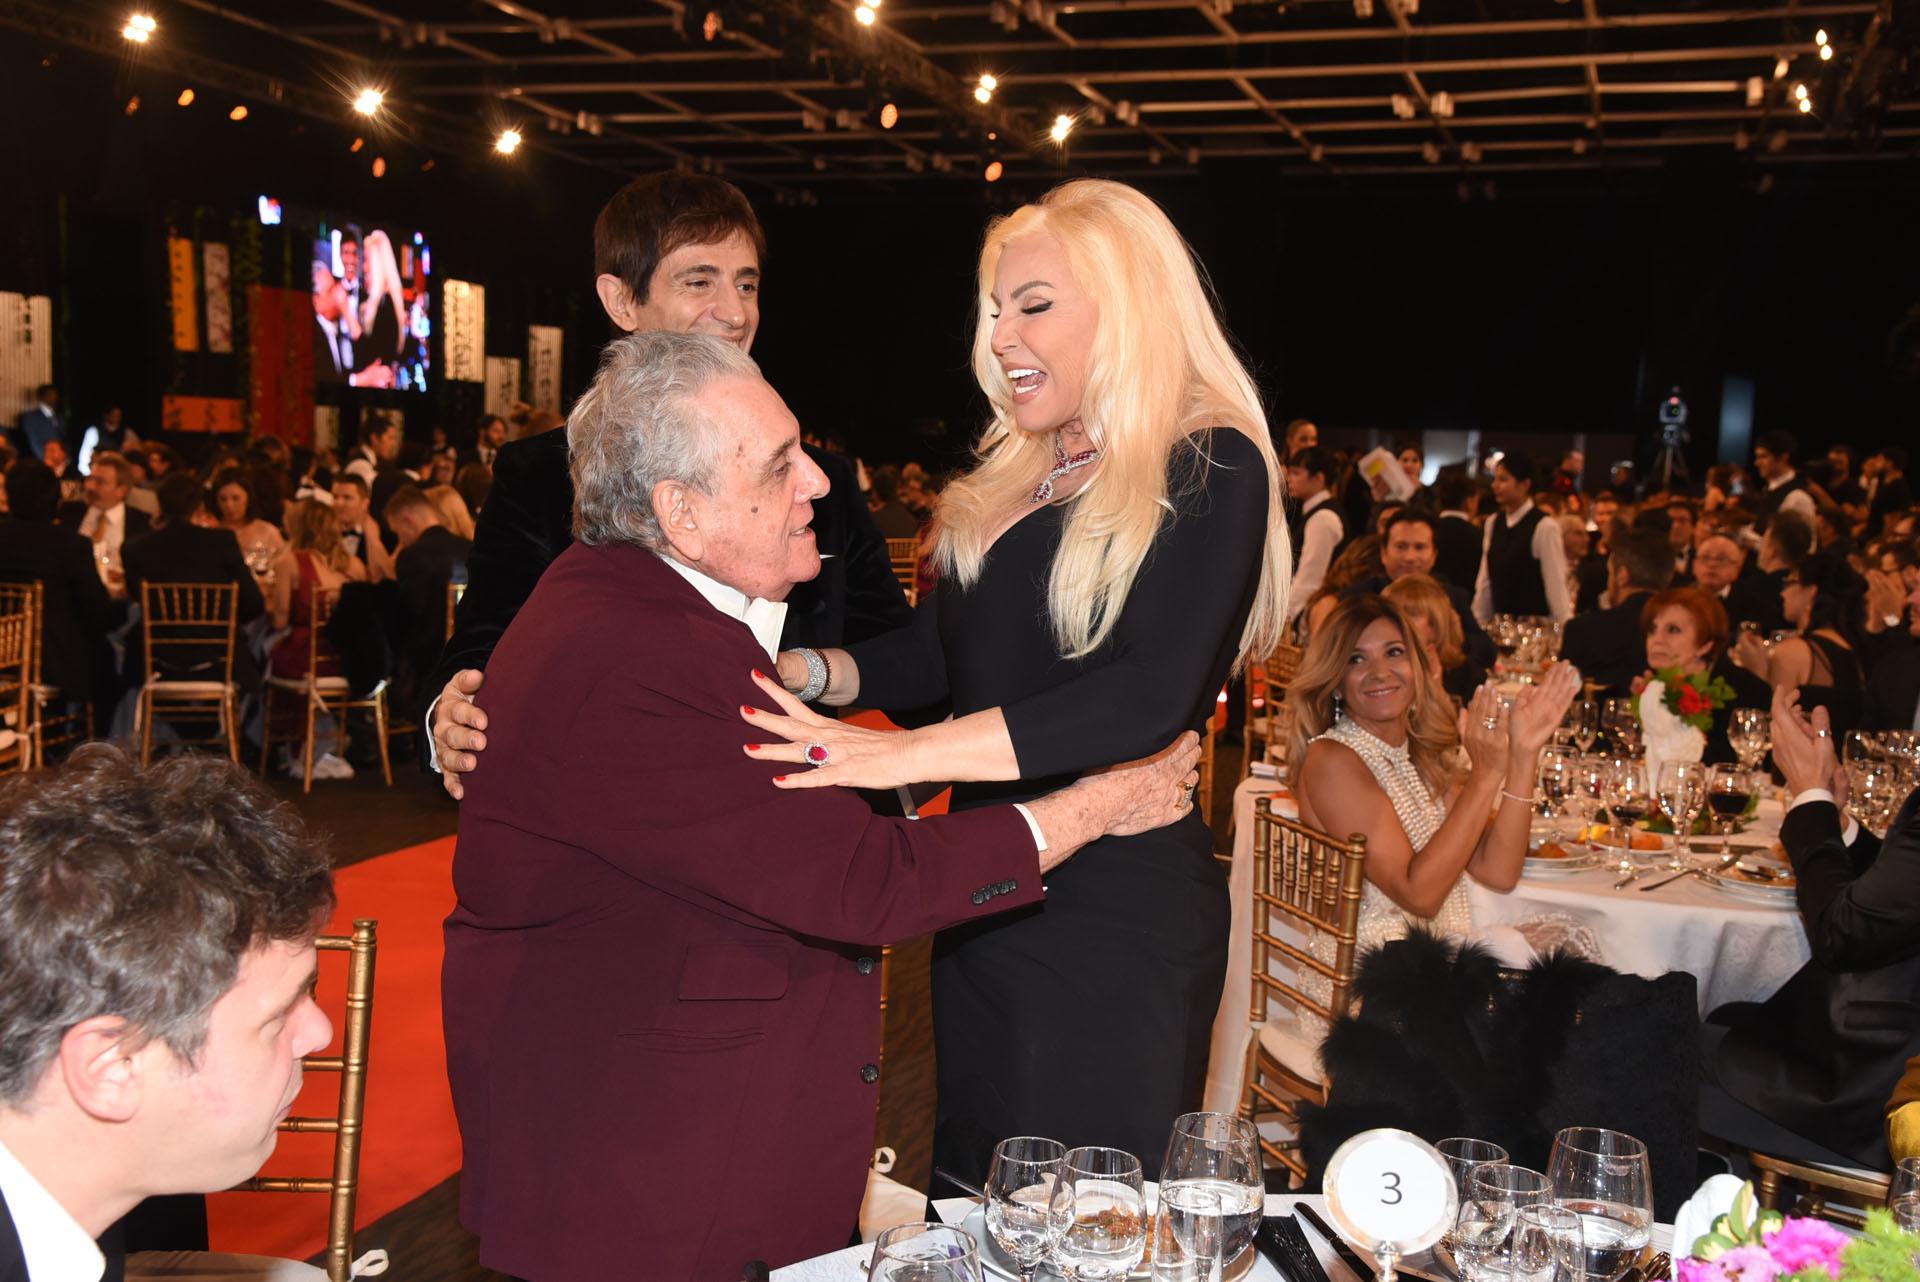 Susana felicita a Antonio Gasalla por su premio